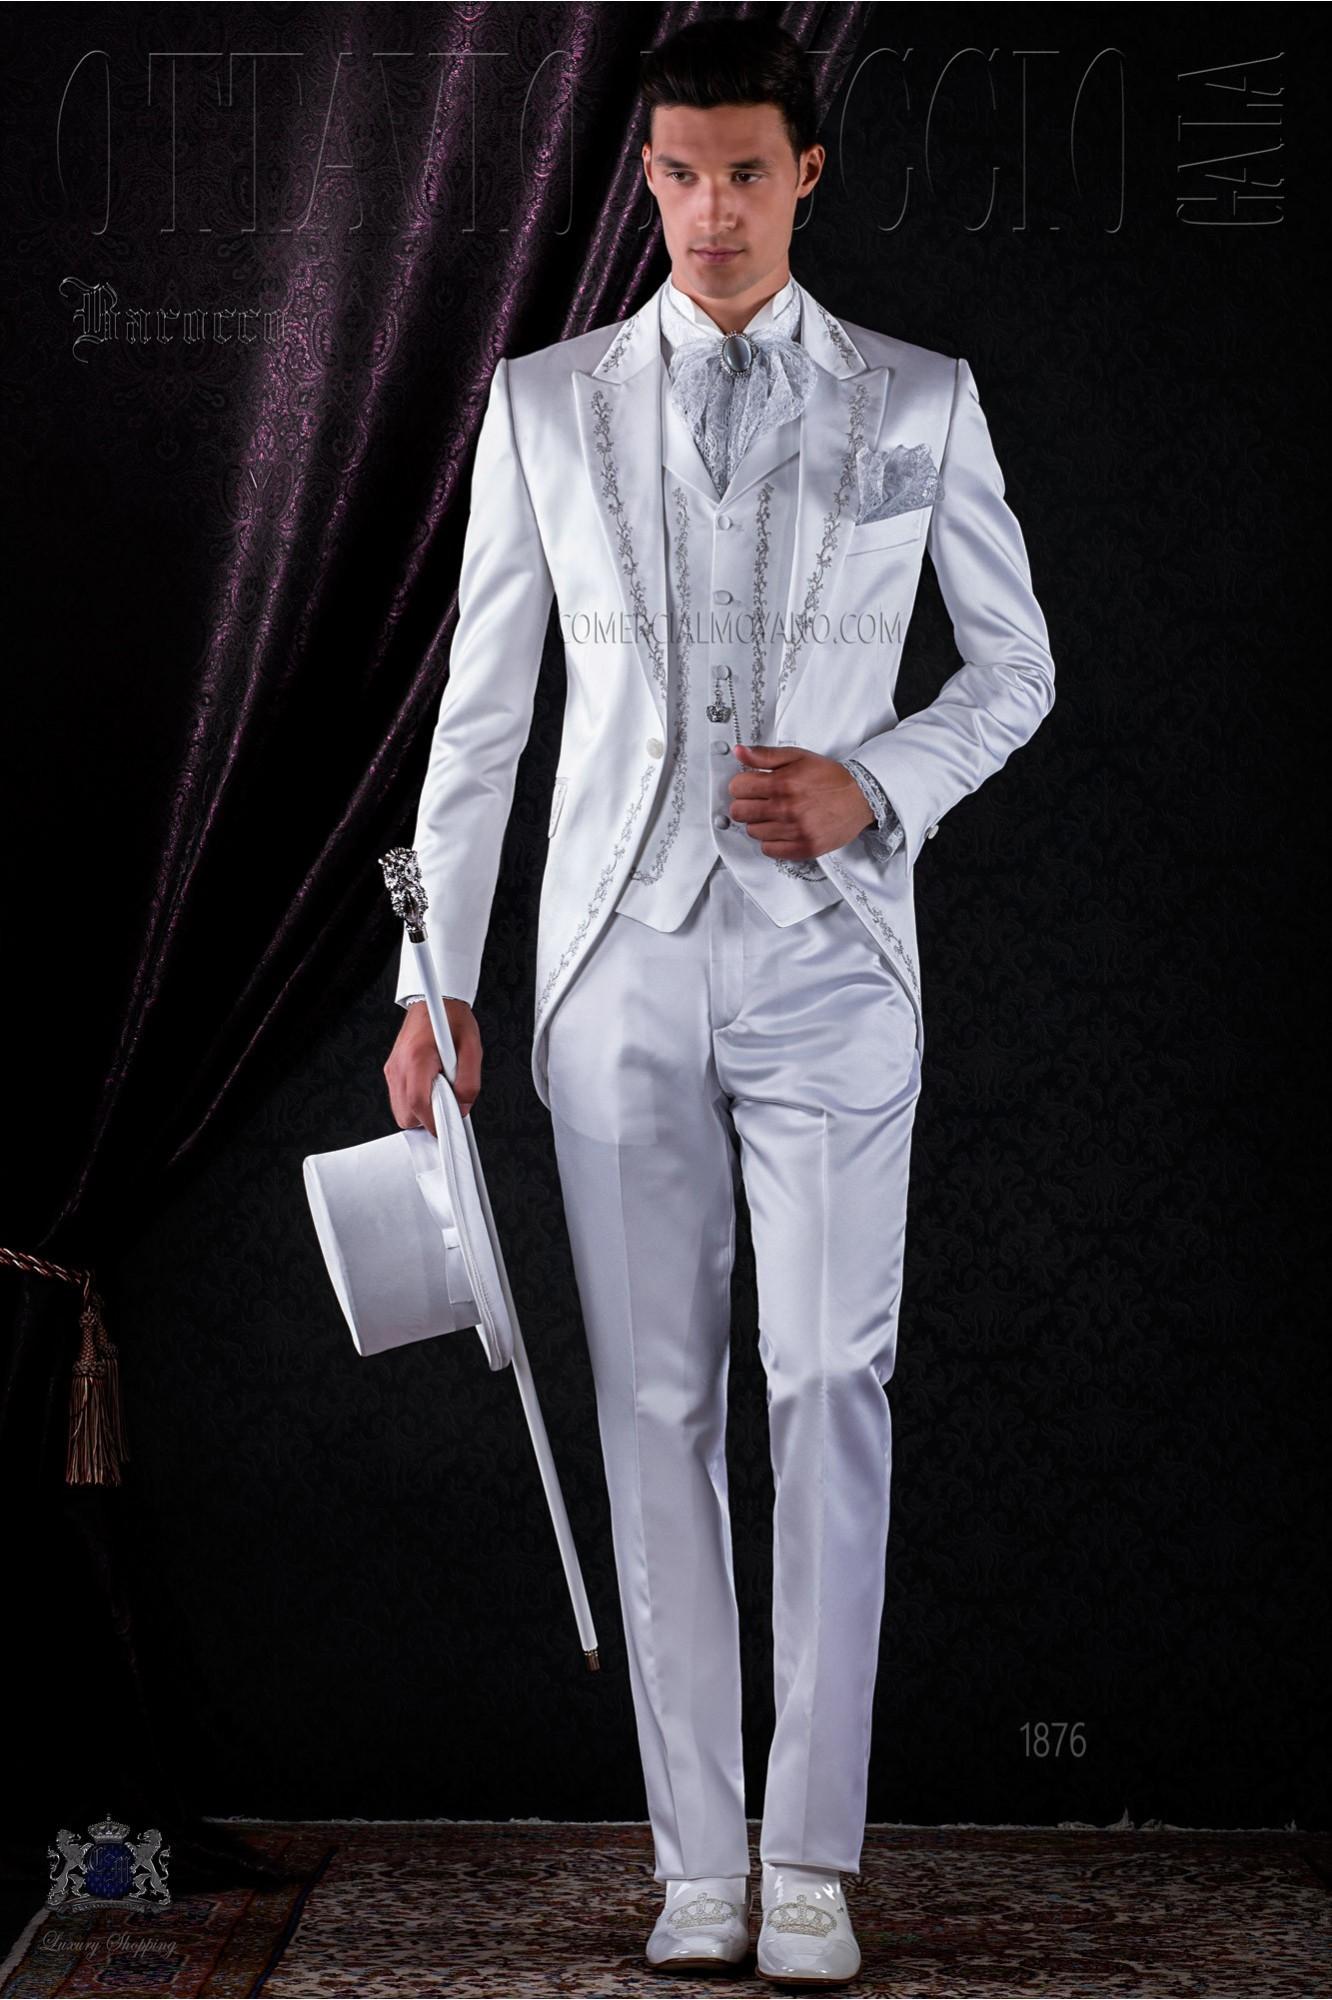 Traje de época blanco de raso bordado plata.